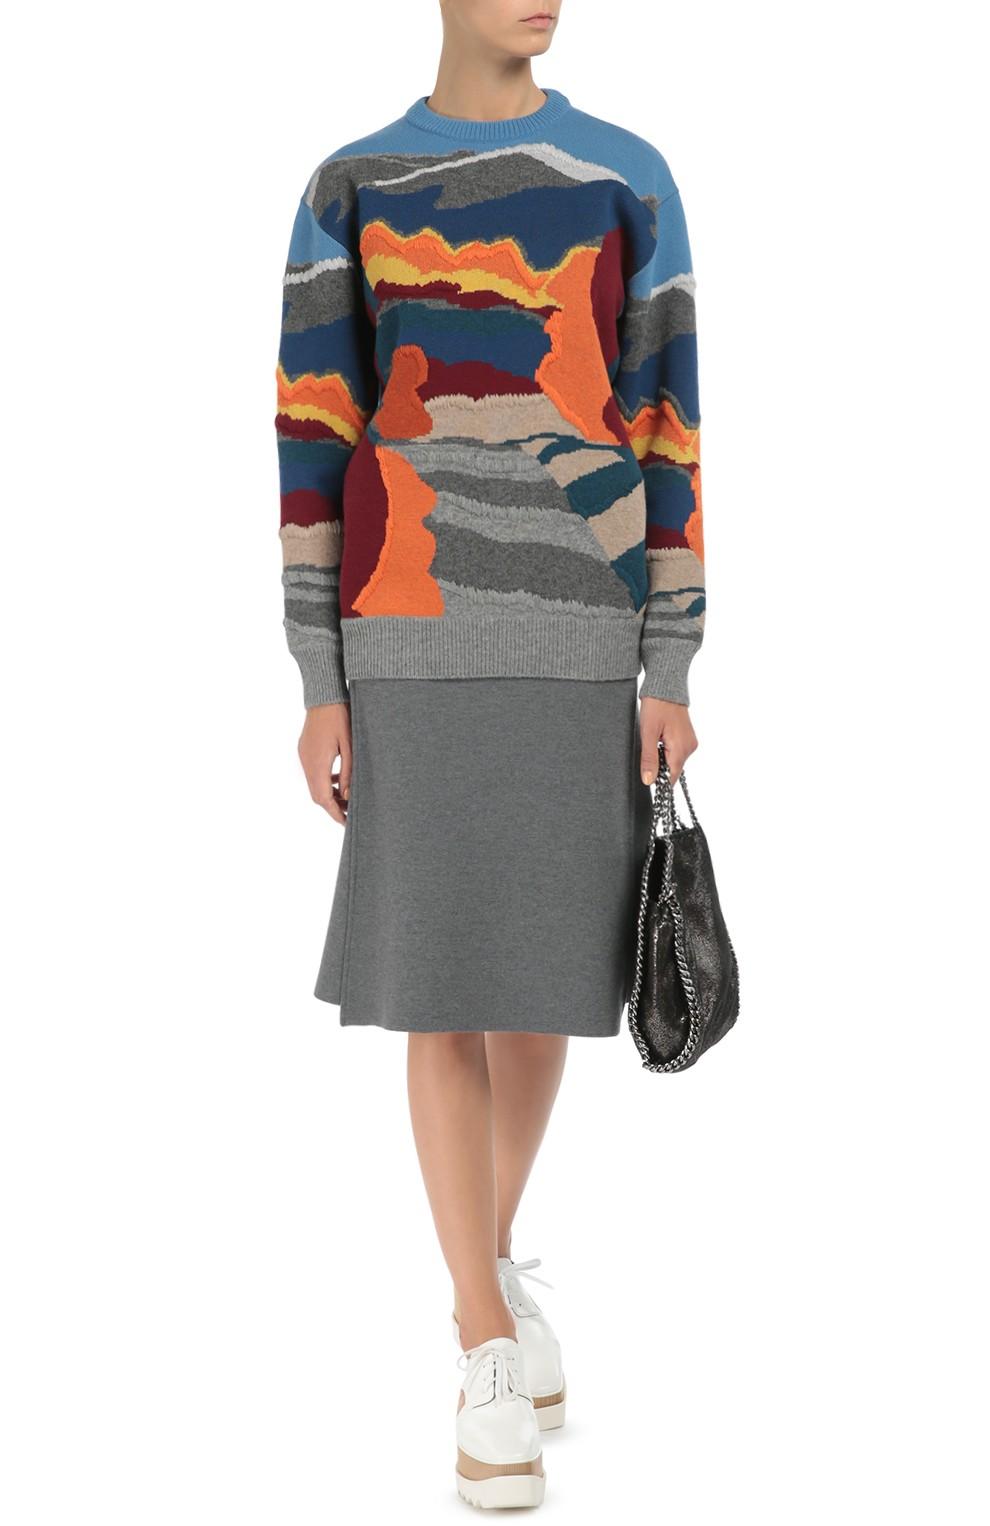 с чем носить серую юбку: шерстяная юбка под кофту в принт кроссовки